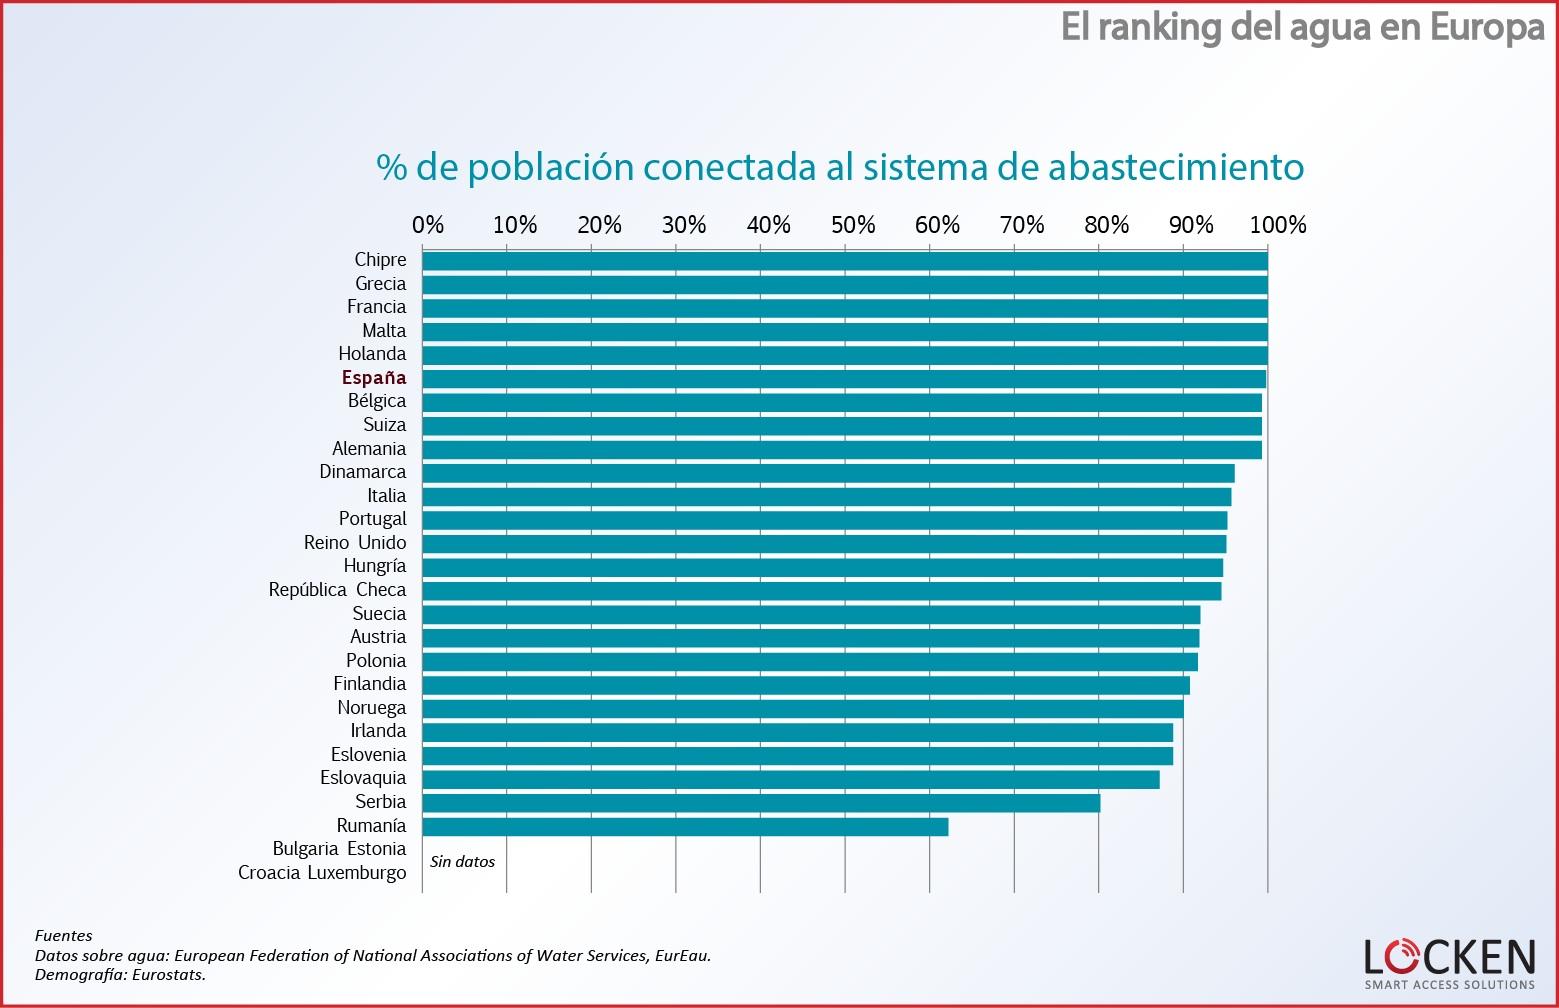 ranking-agua-europa-poblacion-conectada1